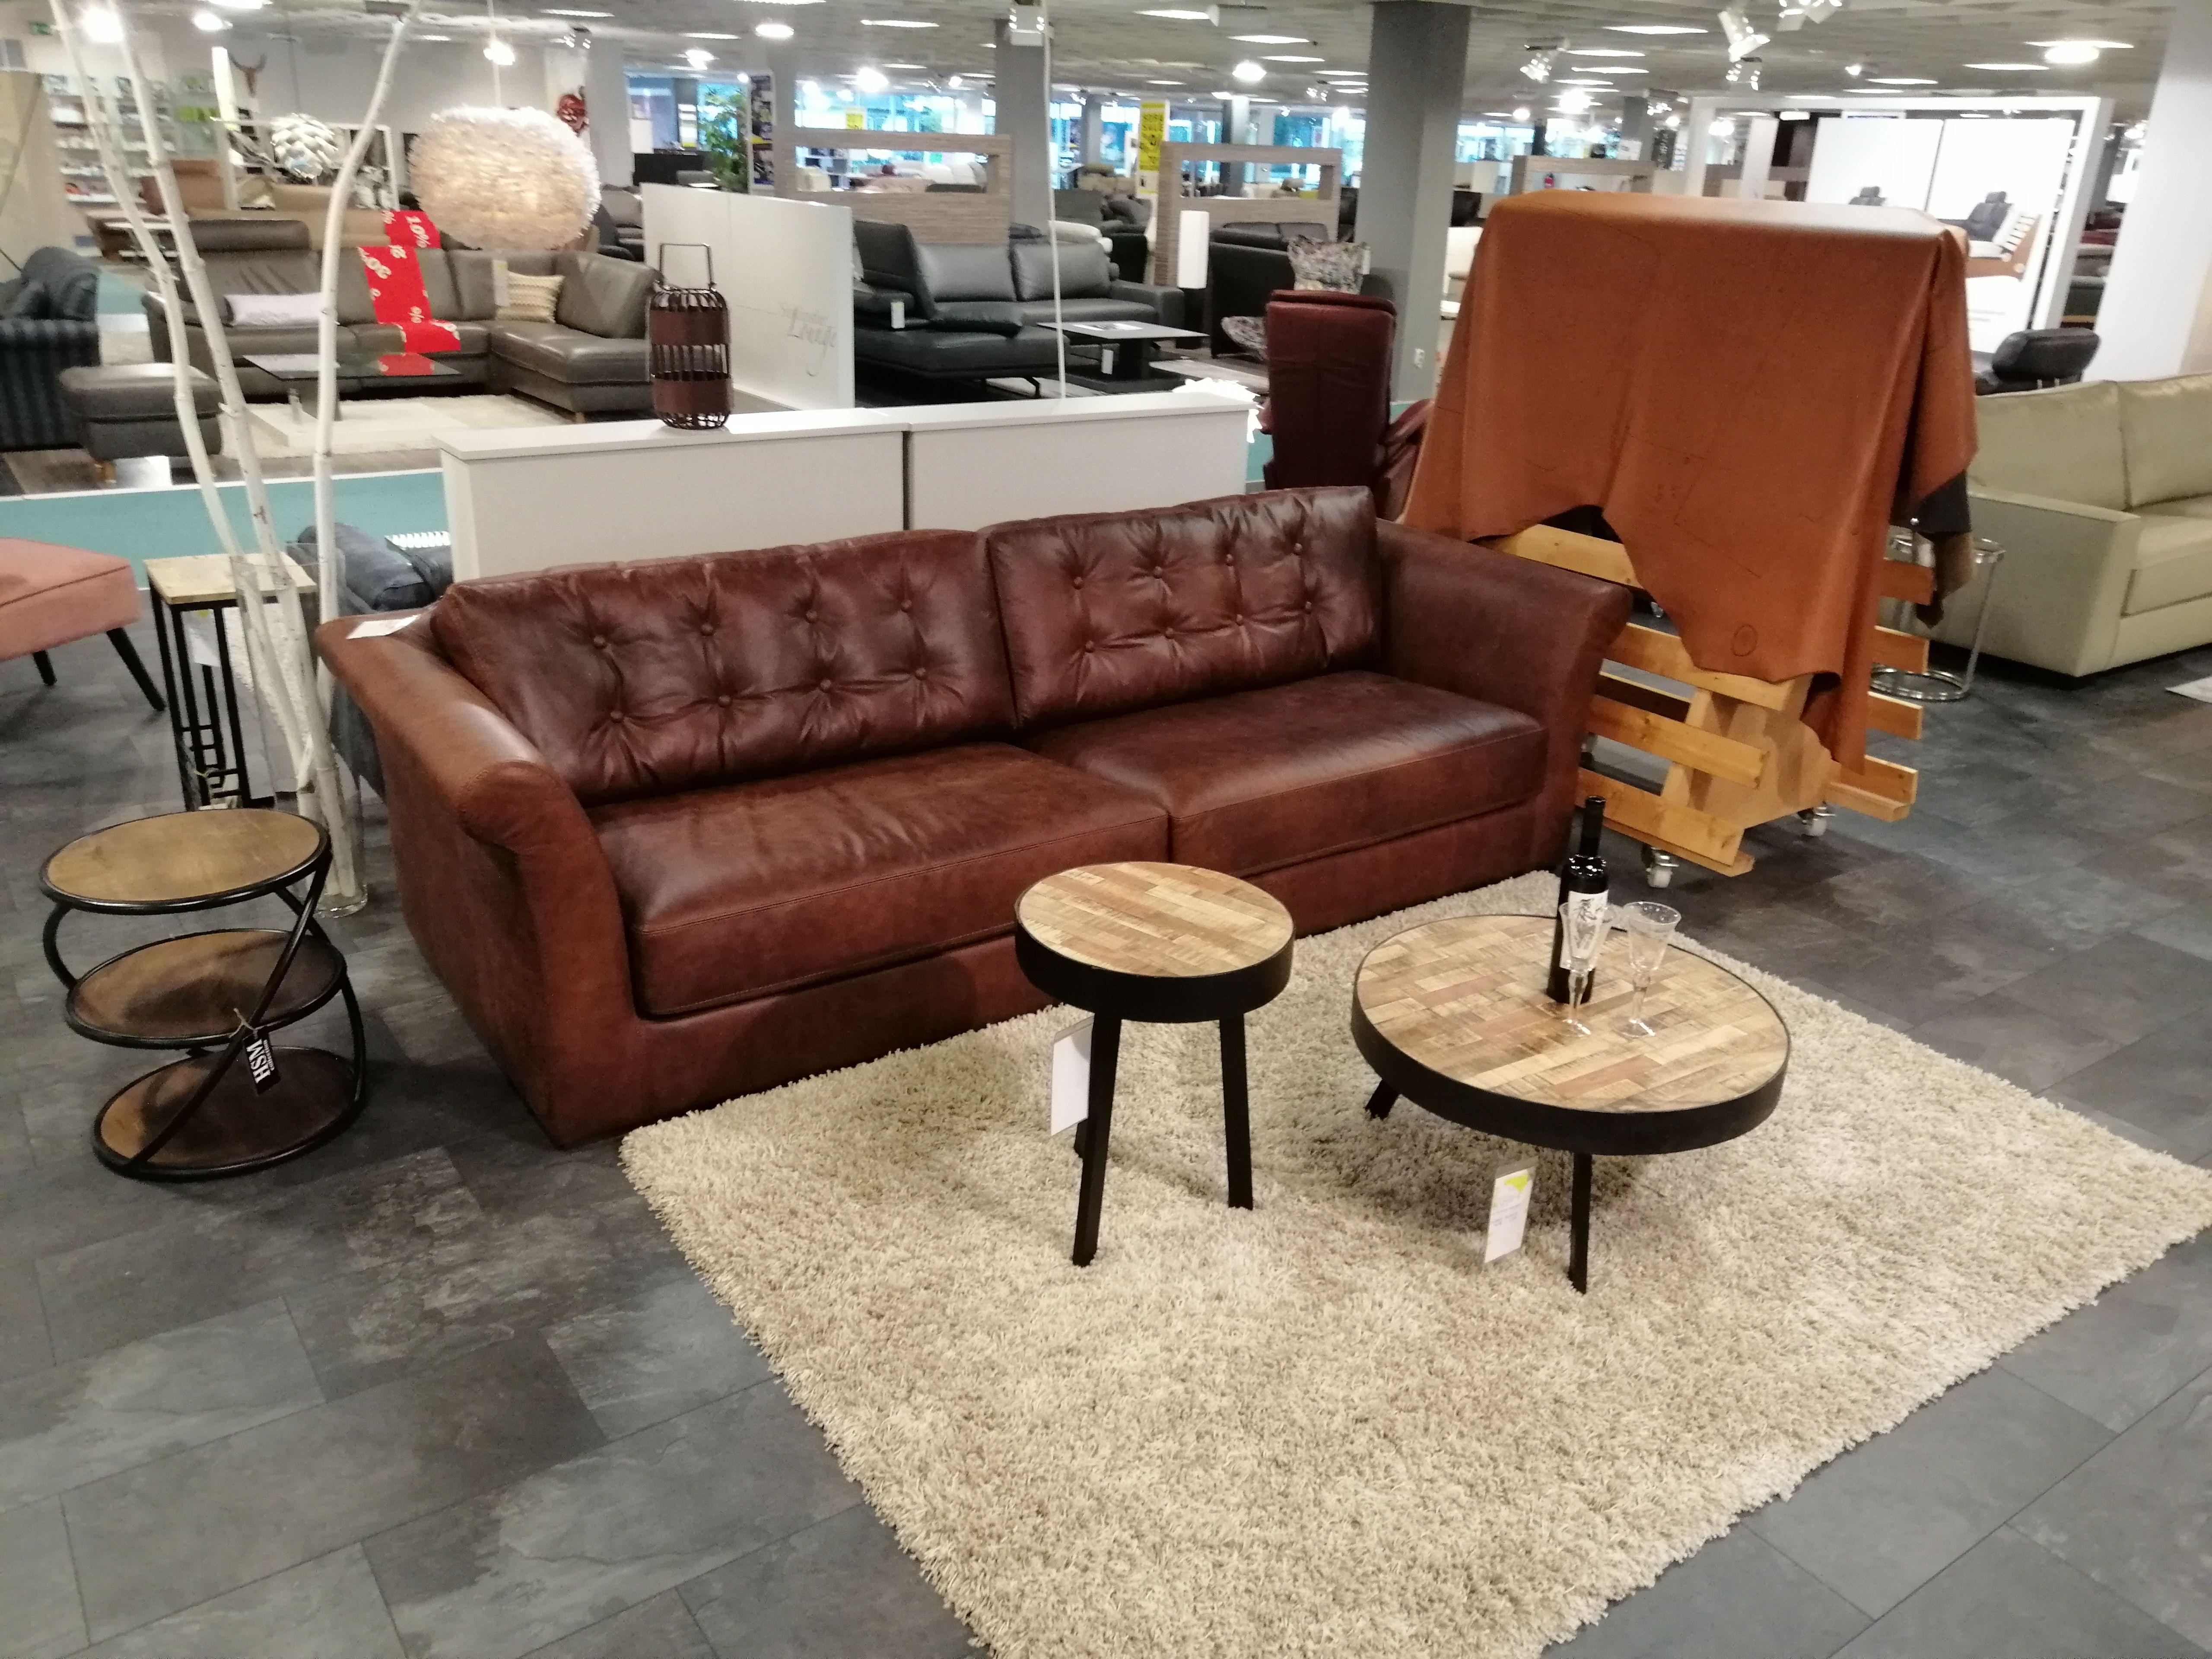 Verkauft Stuhle Gunstig Mobel Tisch Und Stuhle